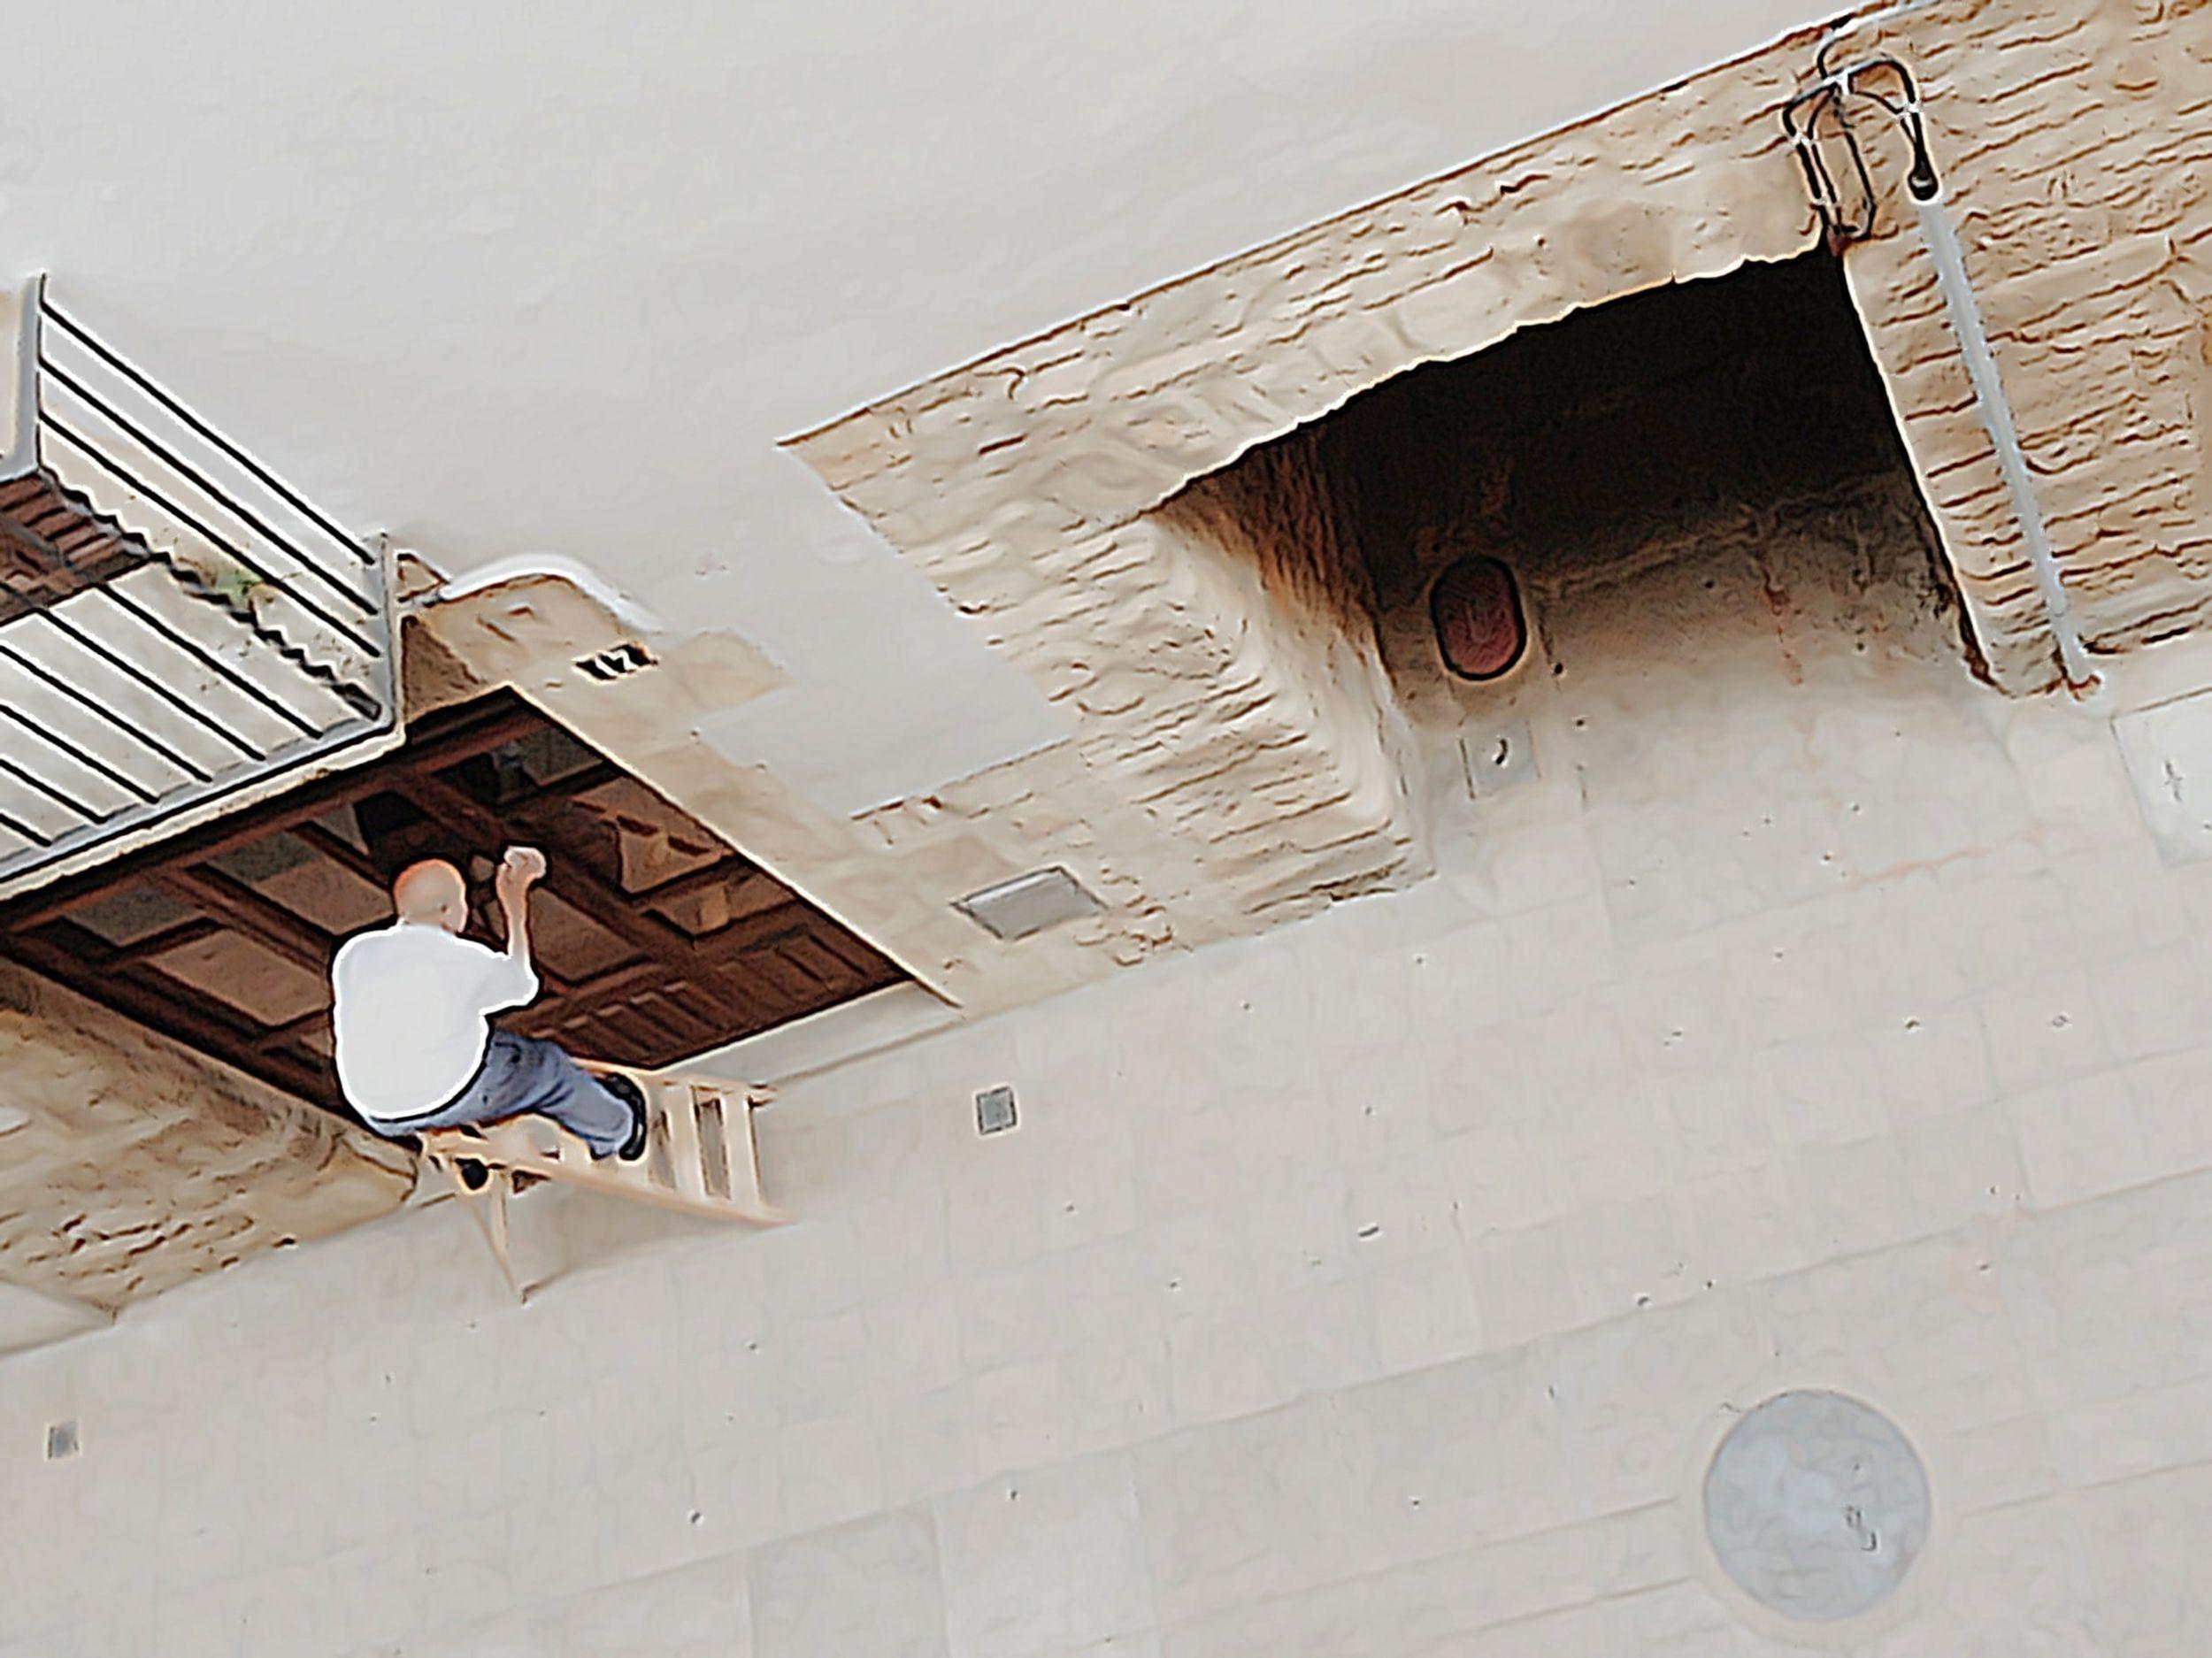 'Paint it white'. NEM Painterly AMPt - My Perspective Streetphotography WeAreJuxt.com